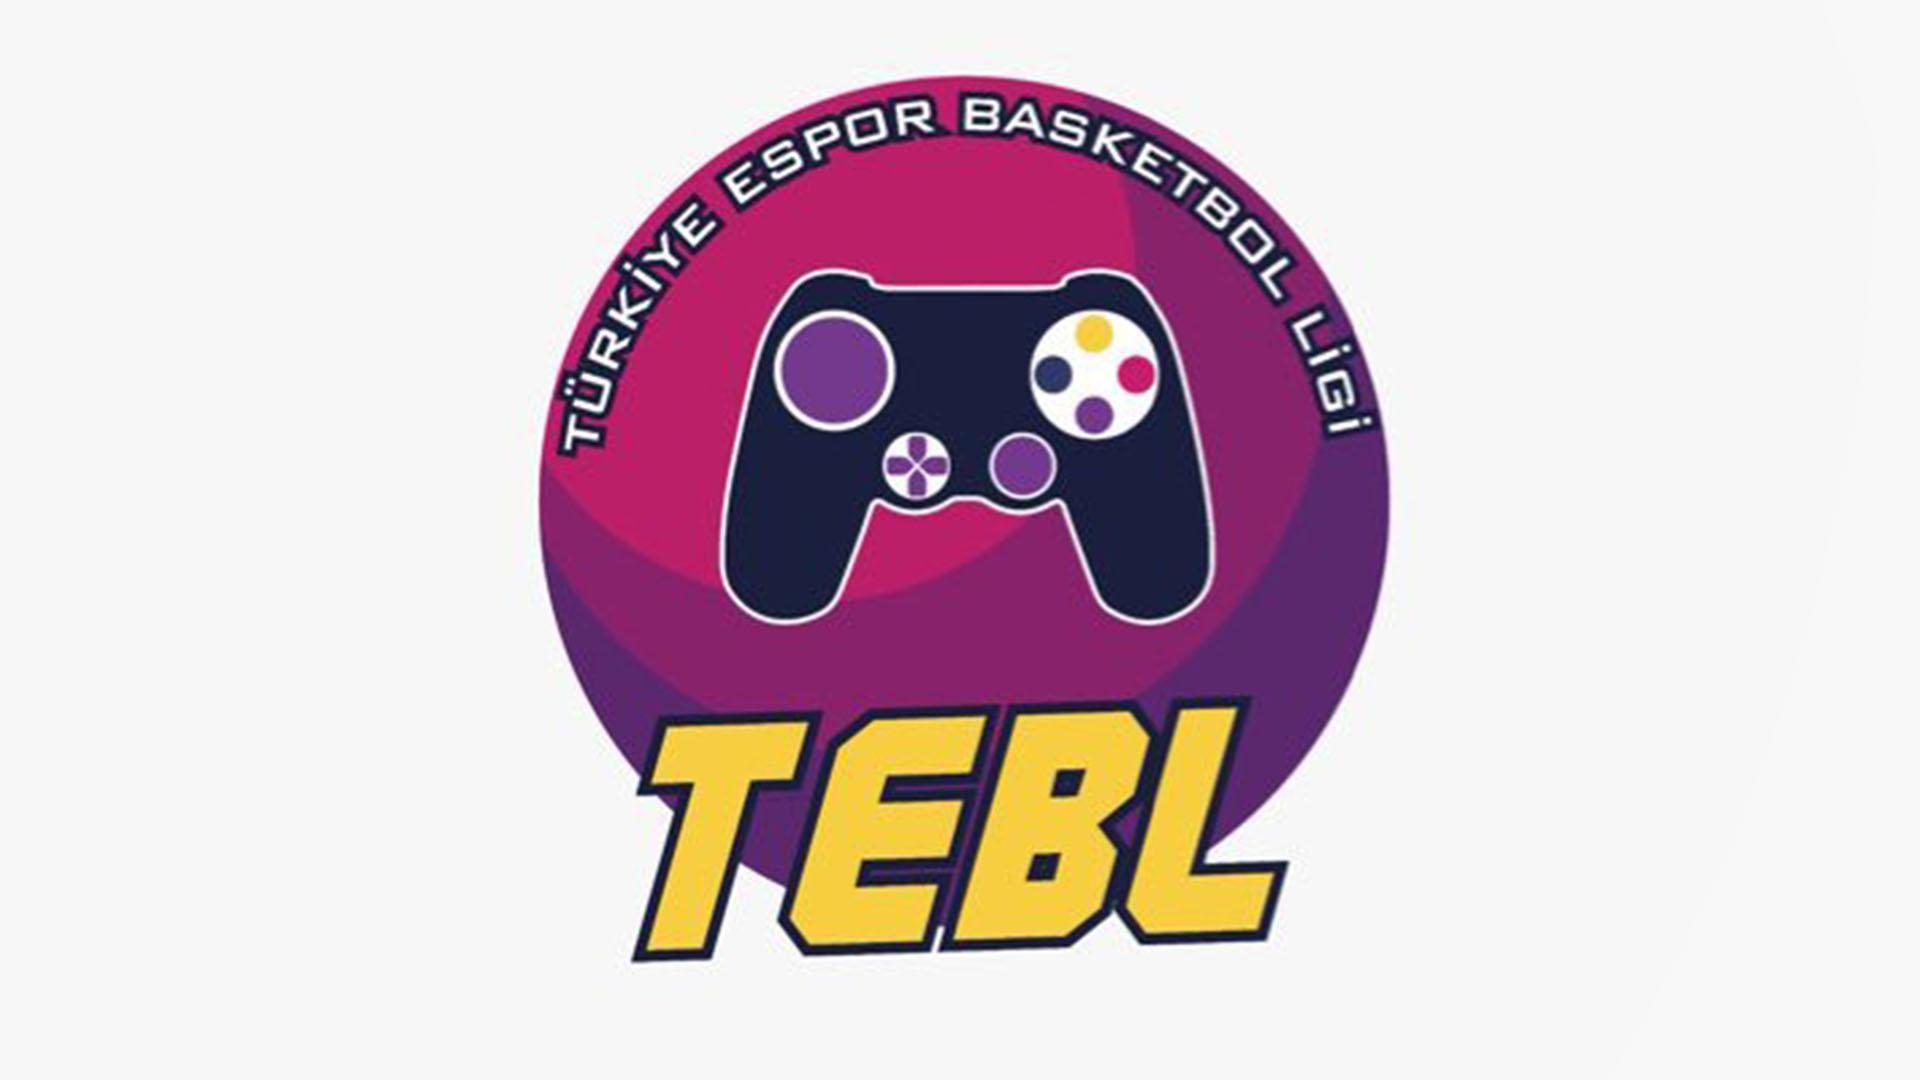 Türkiye Espor Basketbol Ligi 6. hafta puan durumu paylaşıldı!